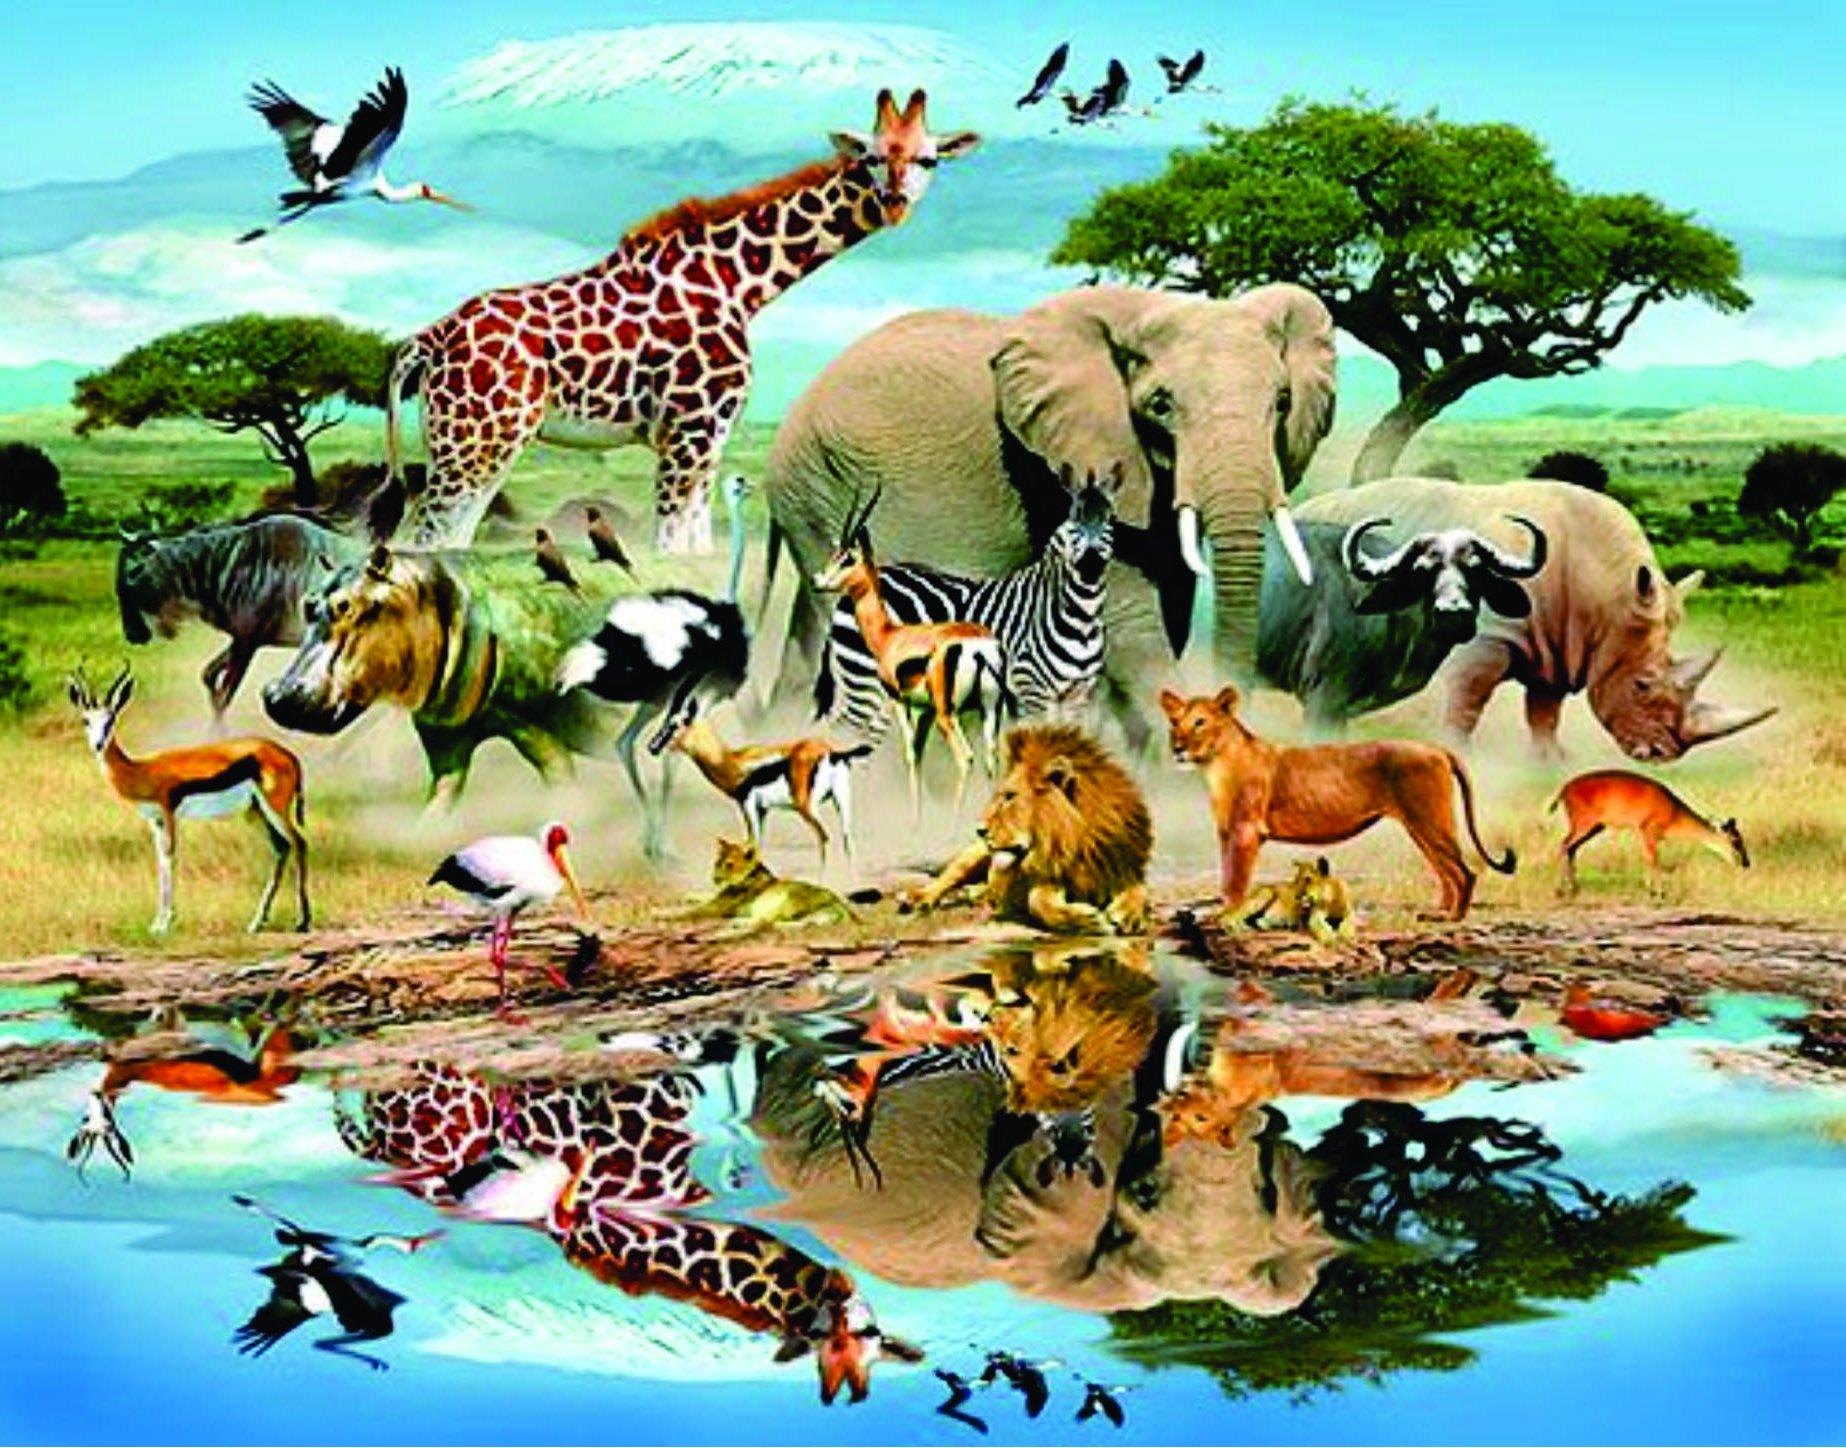 3 / 5 000 / 5 1 / 5 в своих фотографиях он пытается передать завораживающую красоту животного мира африки